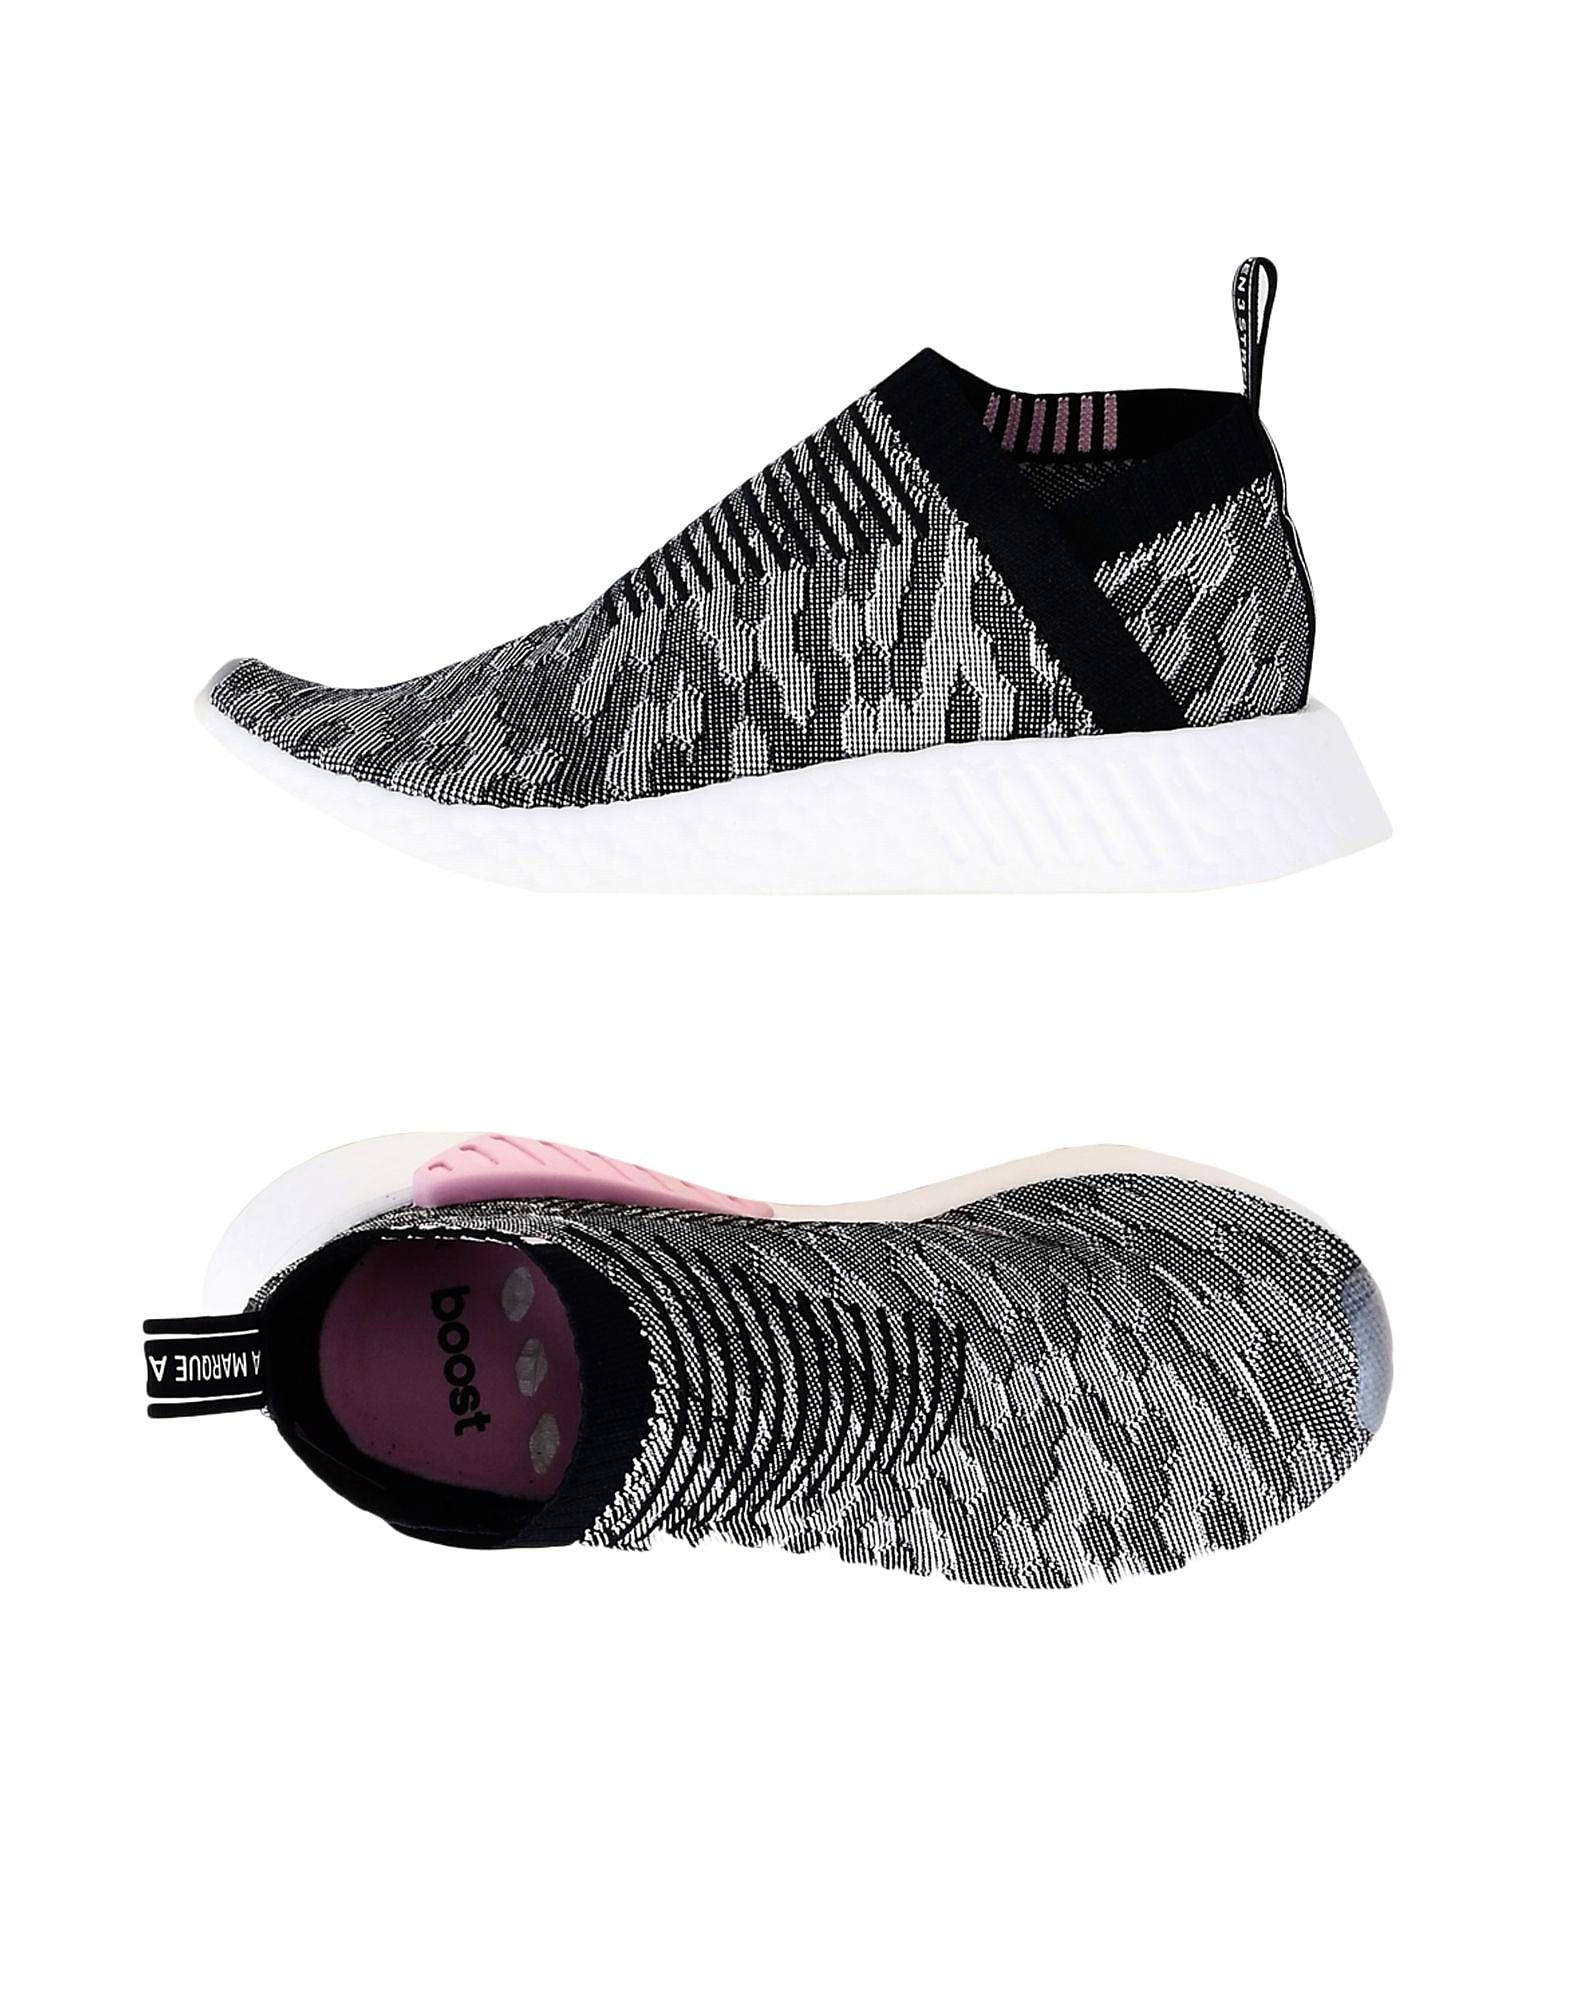 ADIDAS ORIGINALS Sneakers - Footwear in 2020